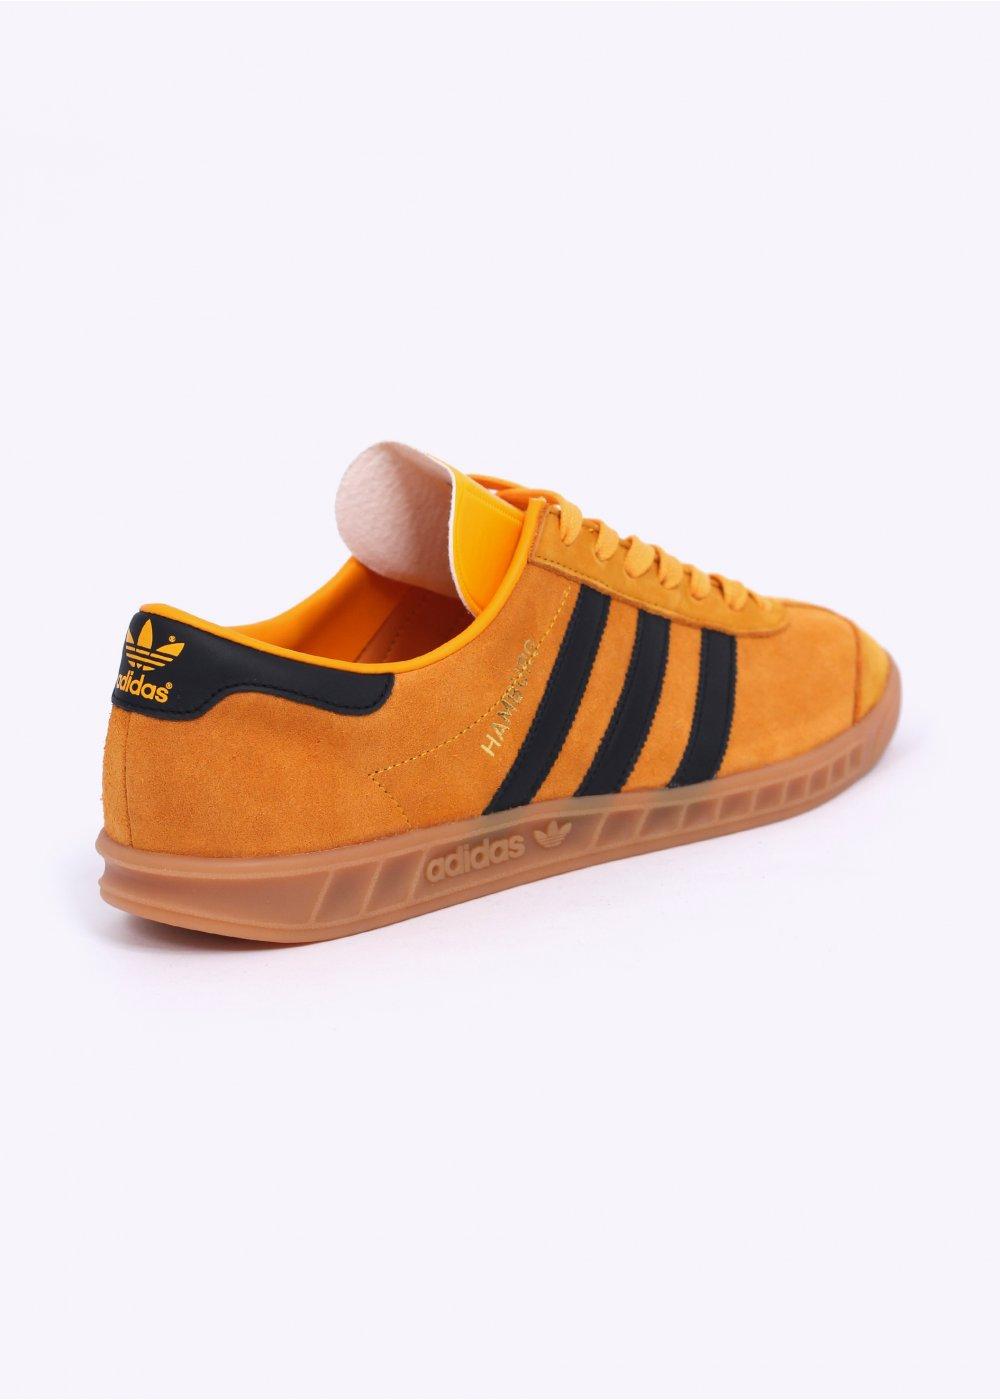 Adidas hamburg trainers AOD622 [AOD622] - $65.00 : Adidas Shoes ...